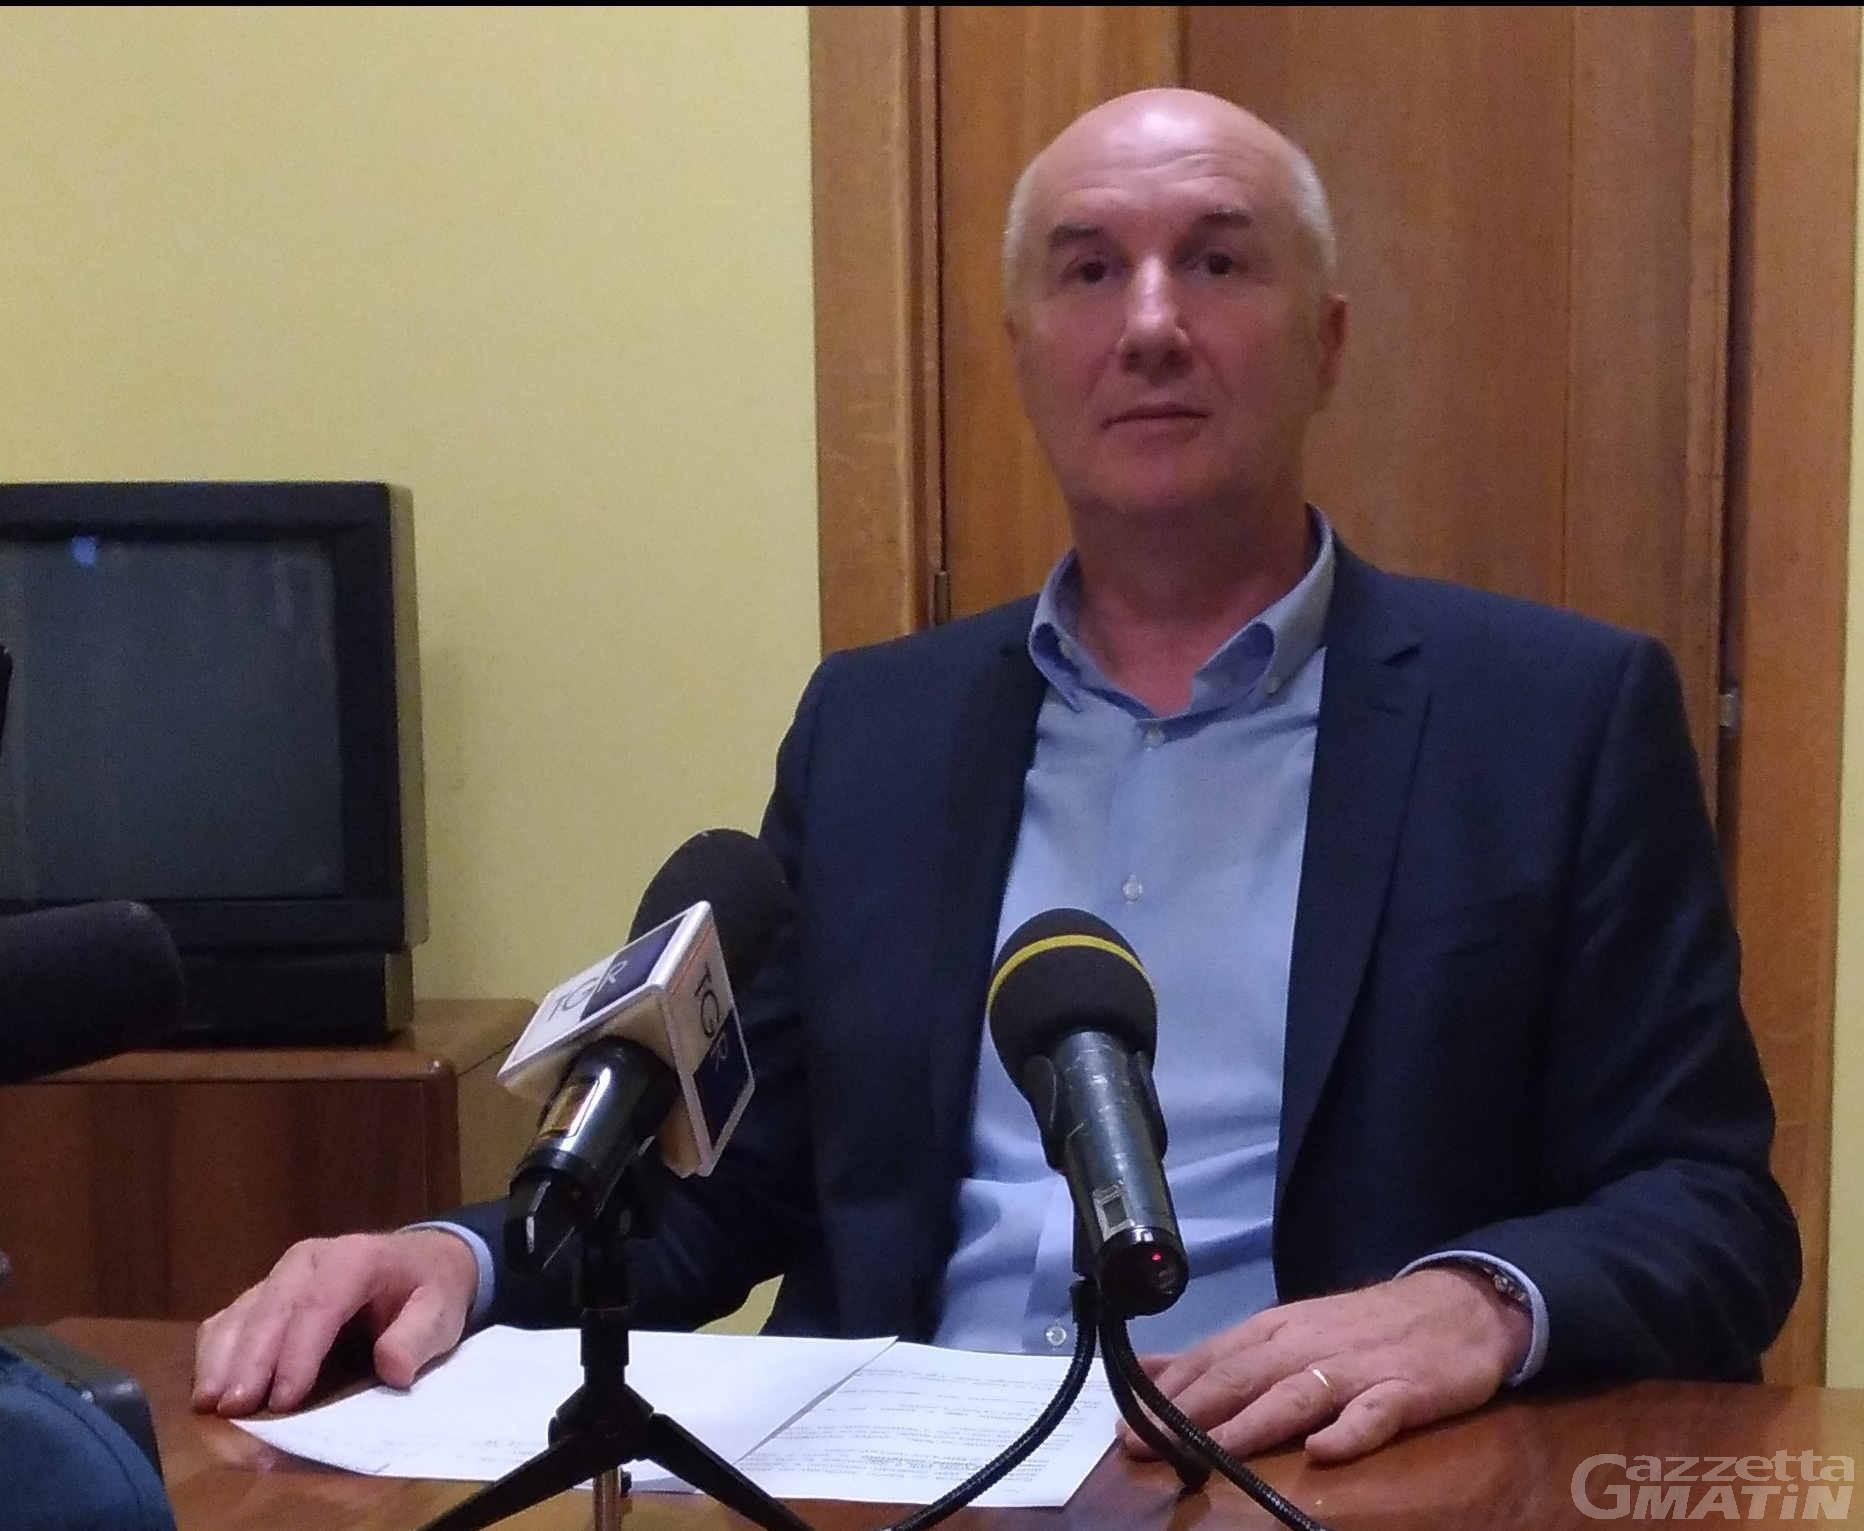 Regione: il presidente Pierluigi Marquis si è dimesso